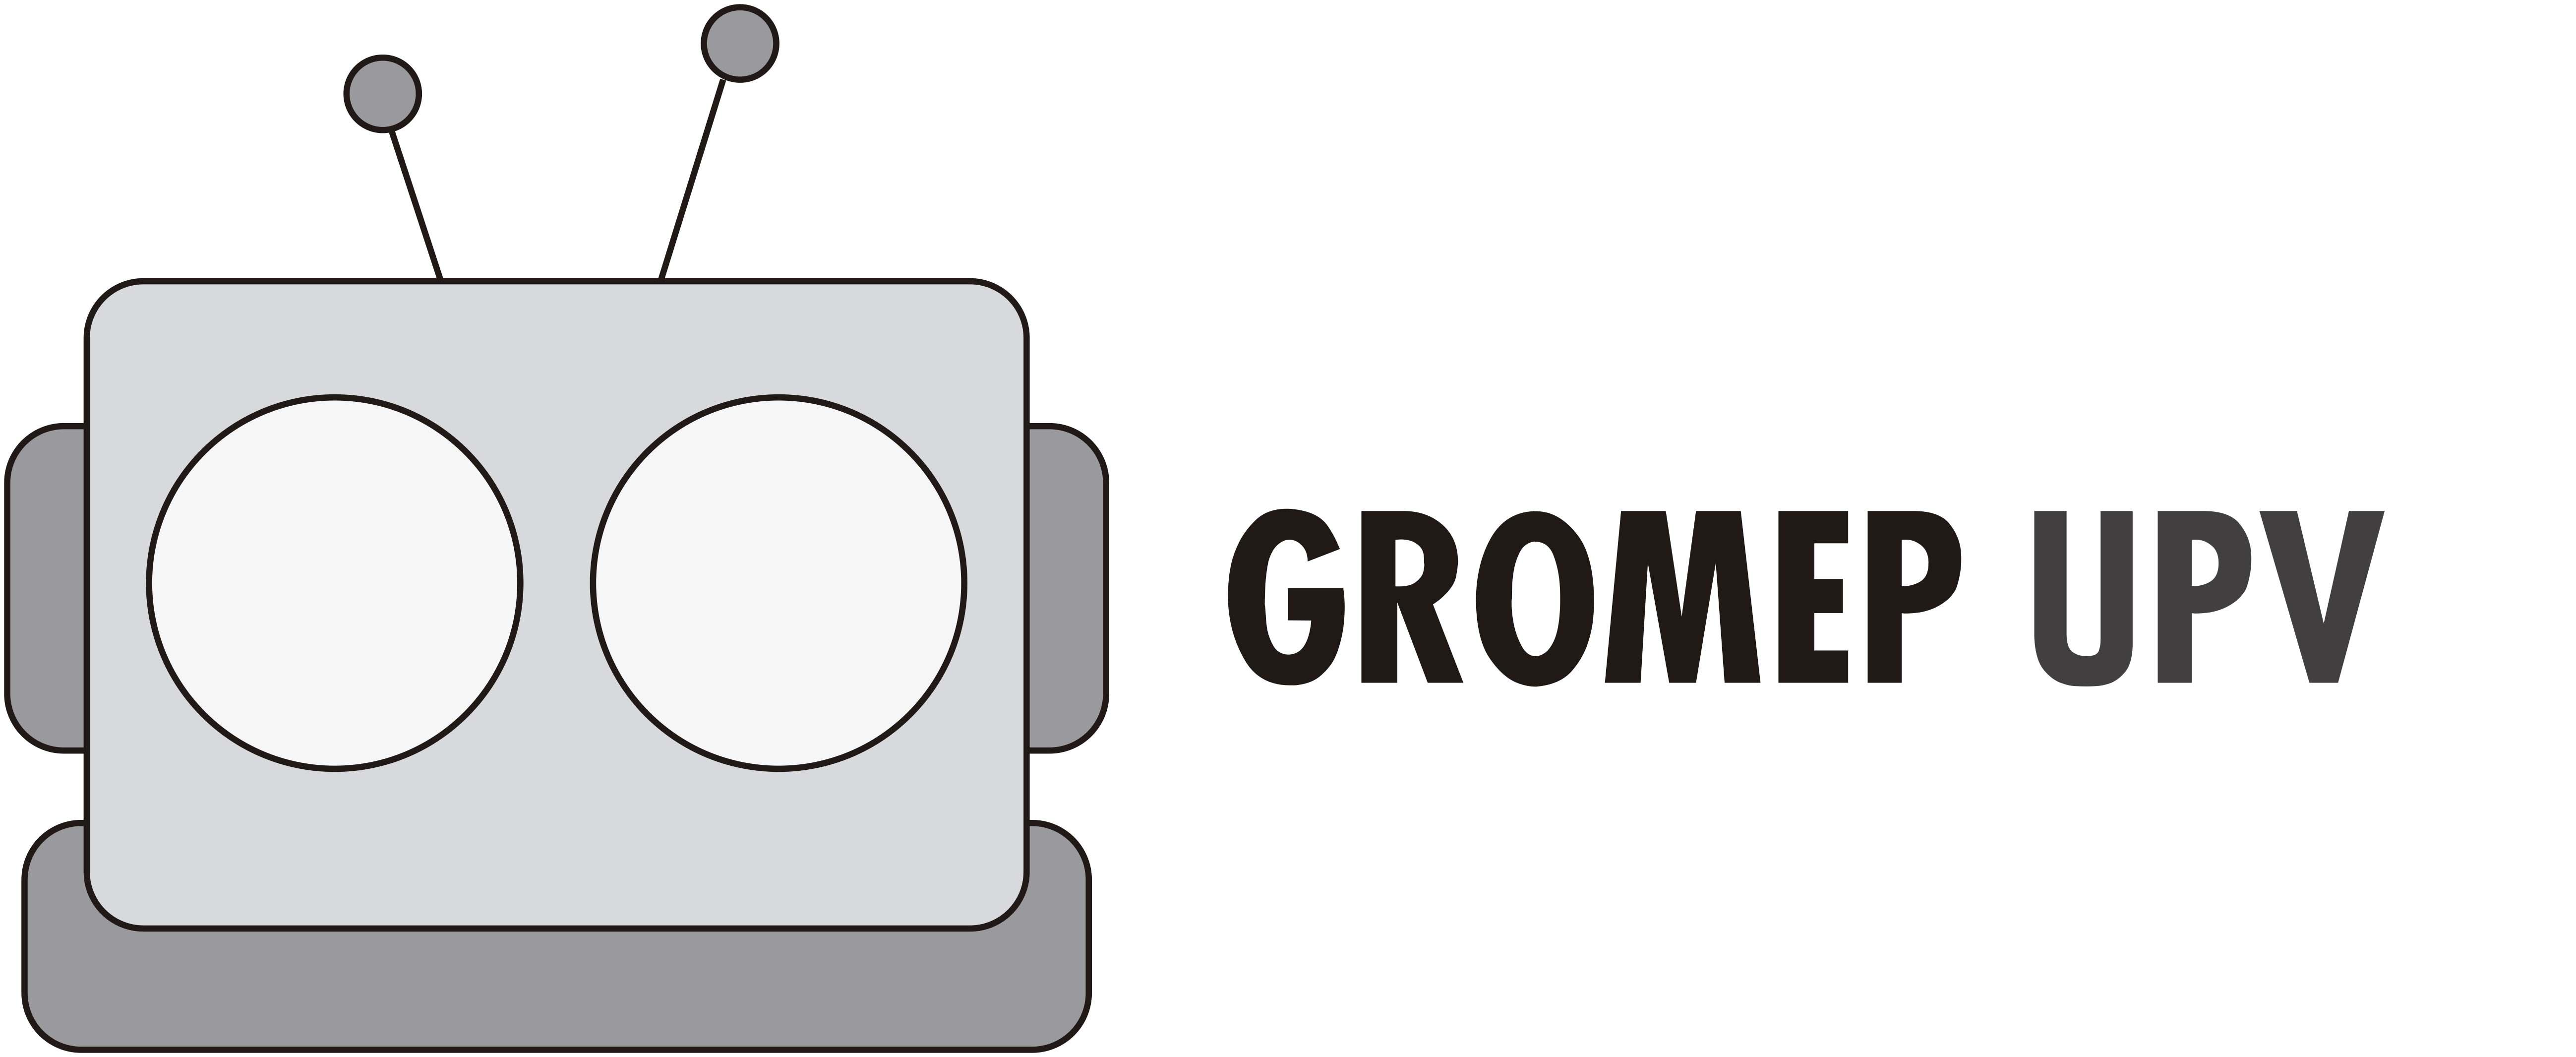 GROMEP